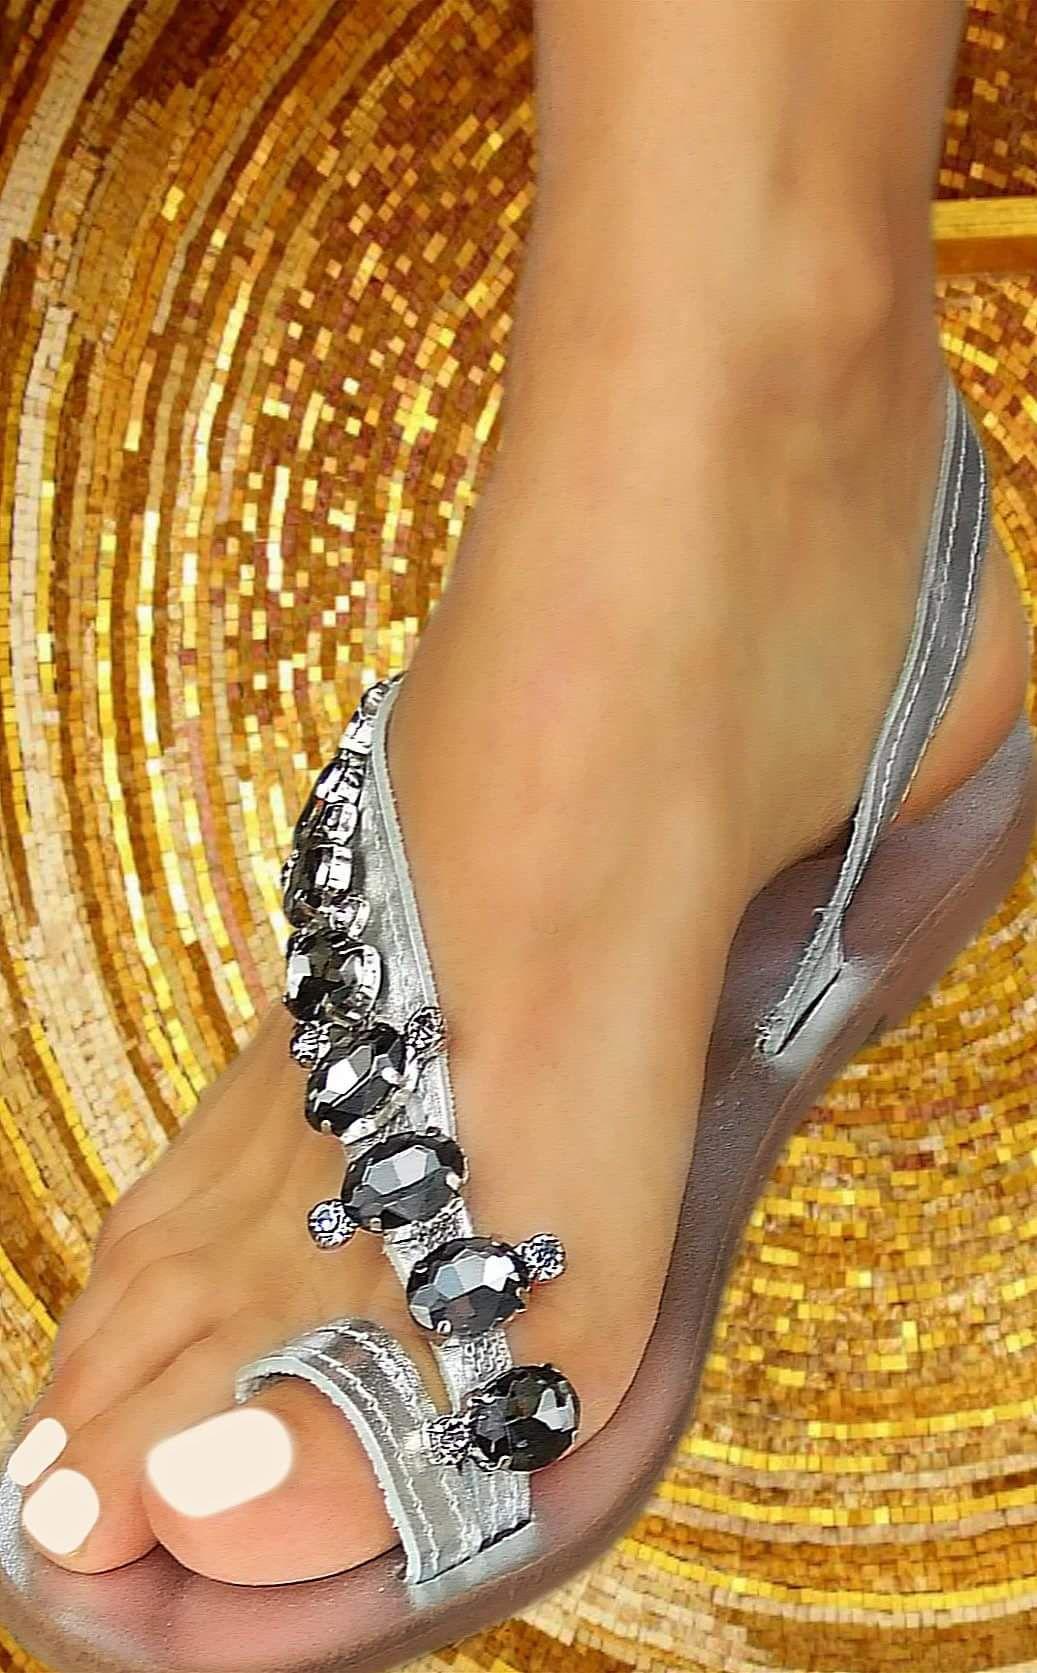 ZapatosSandalias BonitasUsados Alexandra Laya Pin De En 76gfbyY